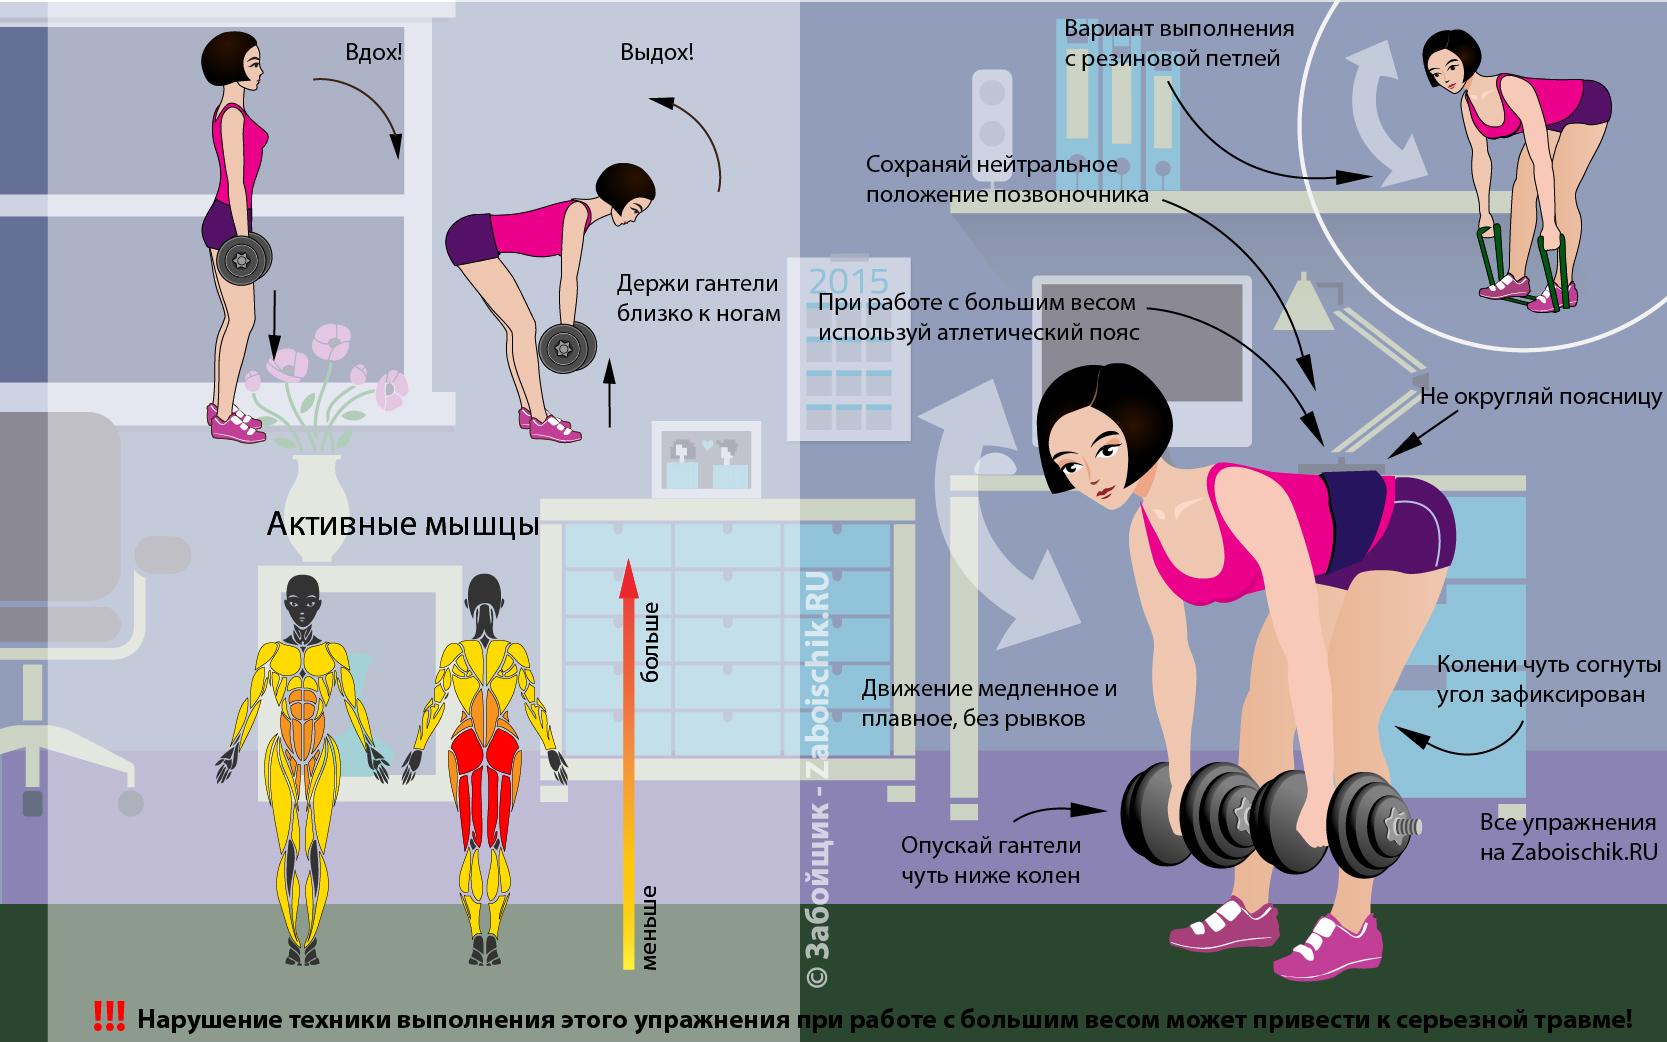 Можно ли заниматься спортом каждый день, сколько раз в неделю нужно заниматься фитнесом и тренироваться в зале